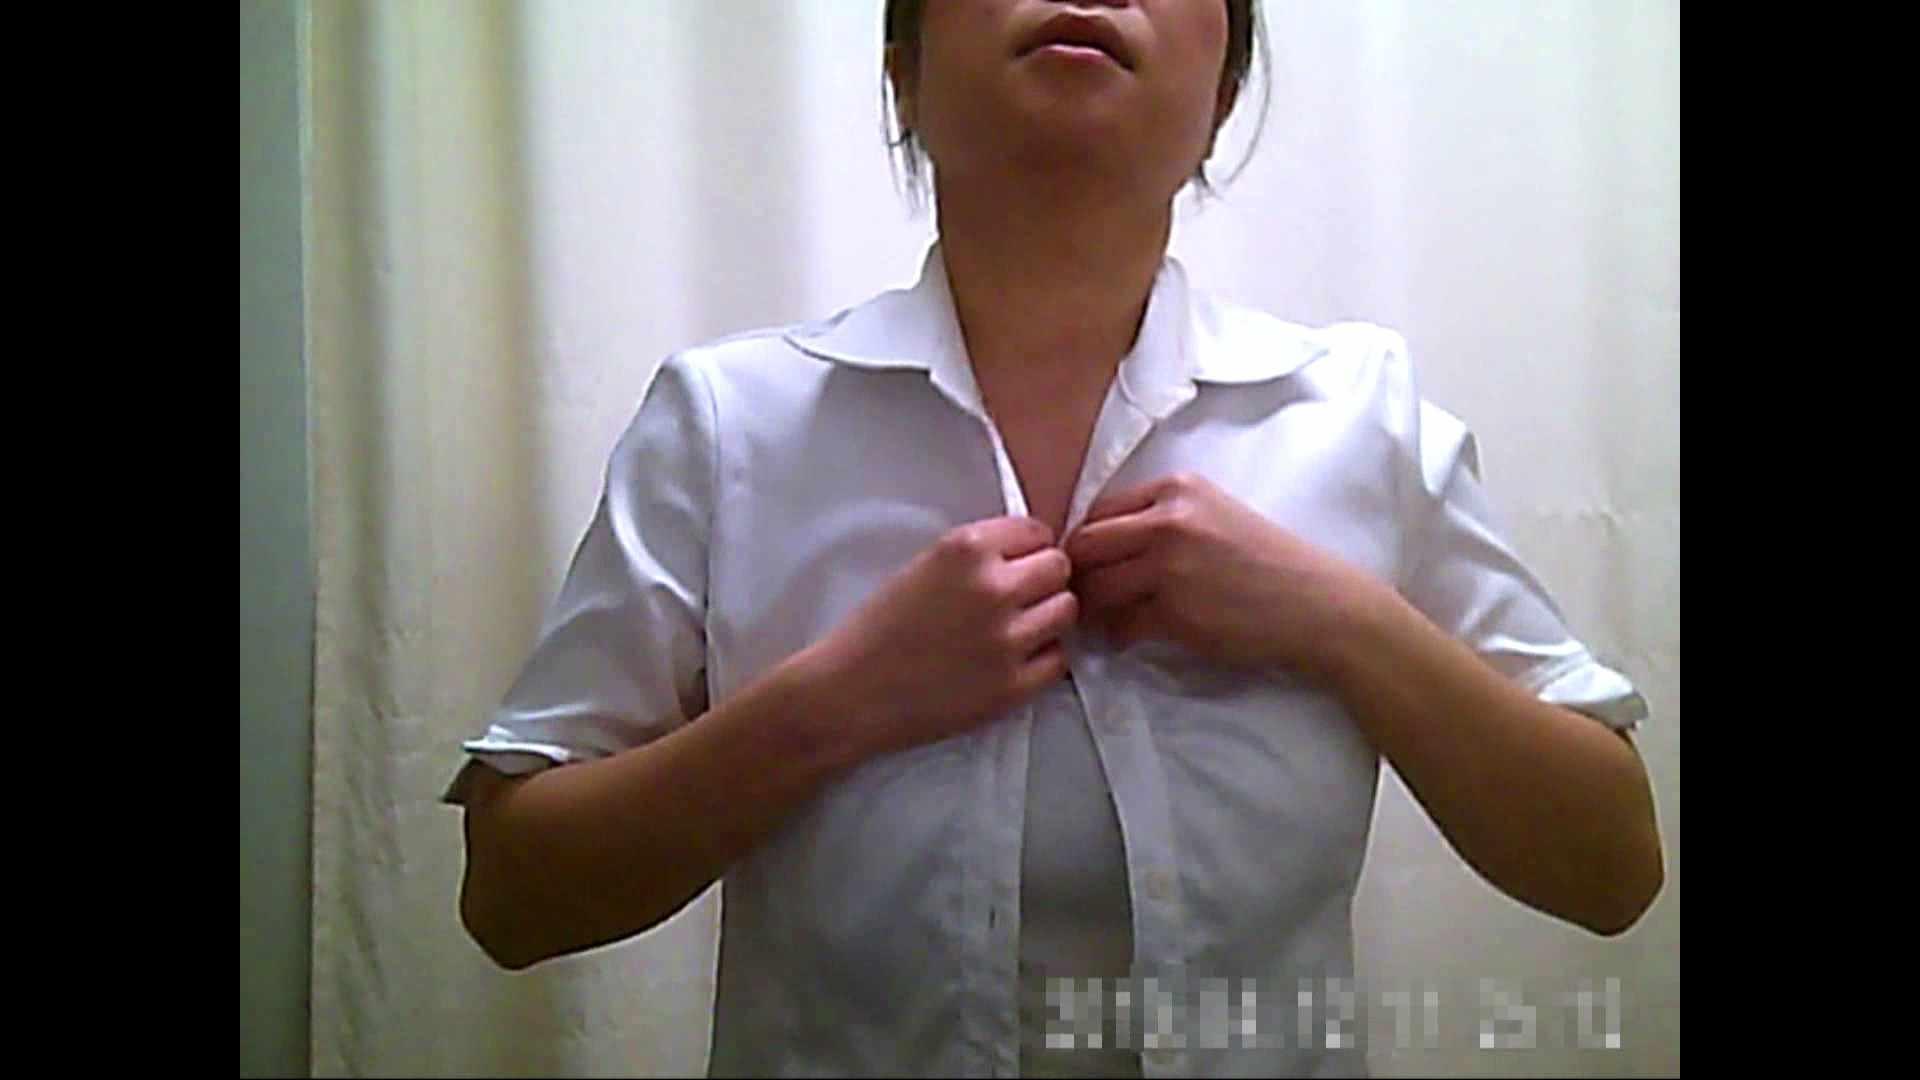 病院おもいっきり着替え! vol.200 着替え 盗撮オメコ無修正動画無料 105pic 12